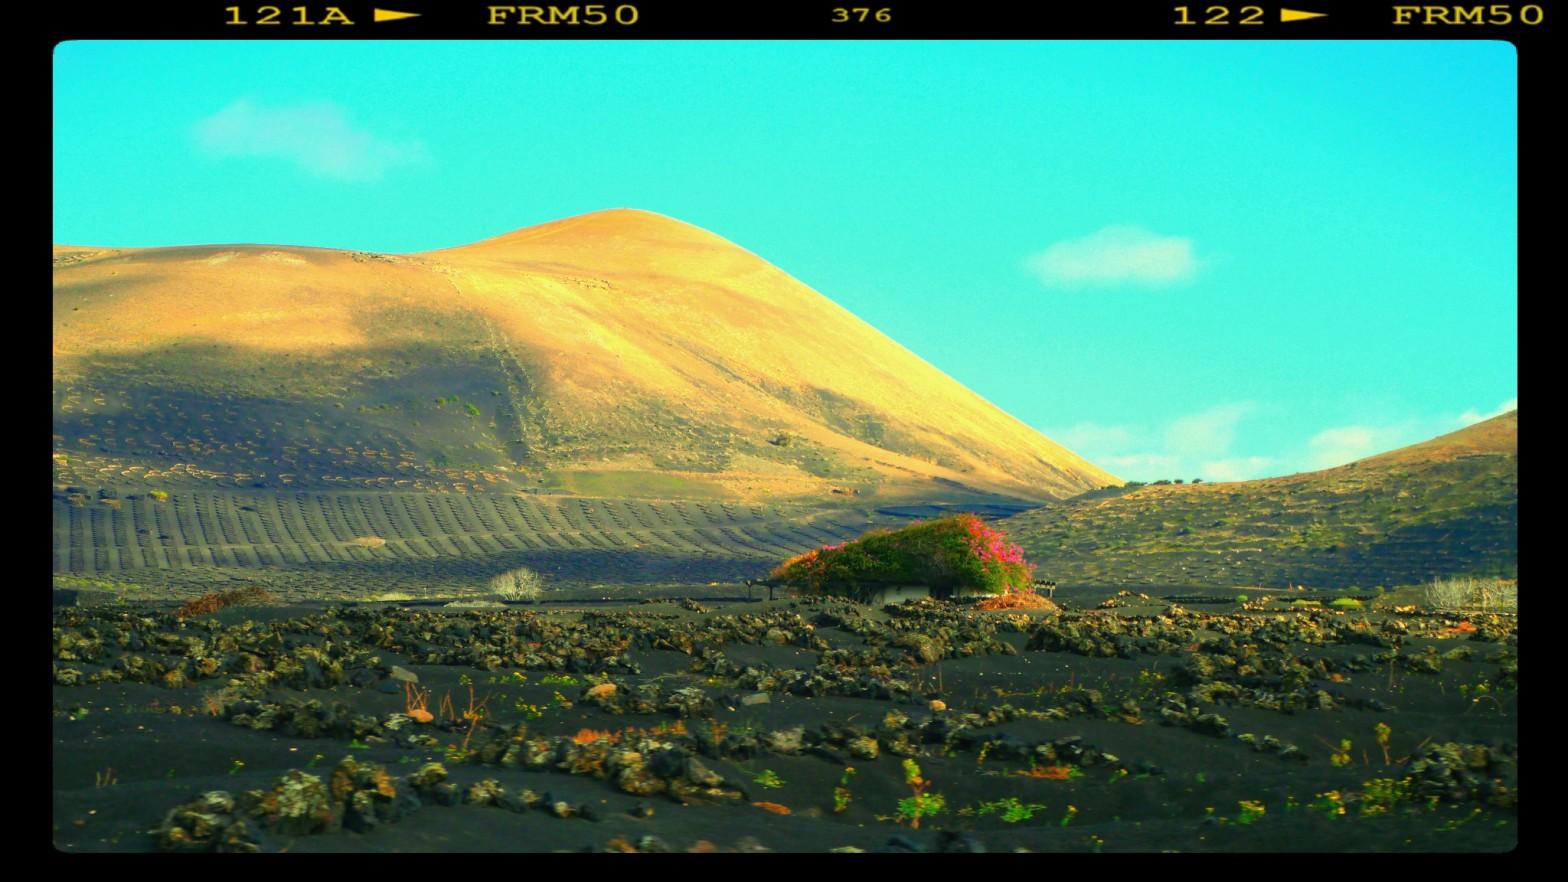 El paisaje de La Geria, el gran activo enoturístico de Lanzarote